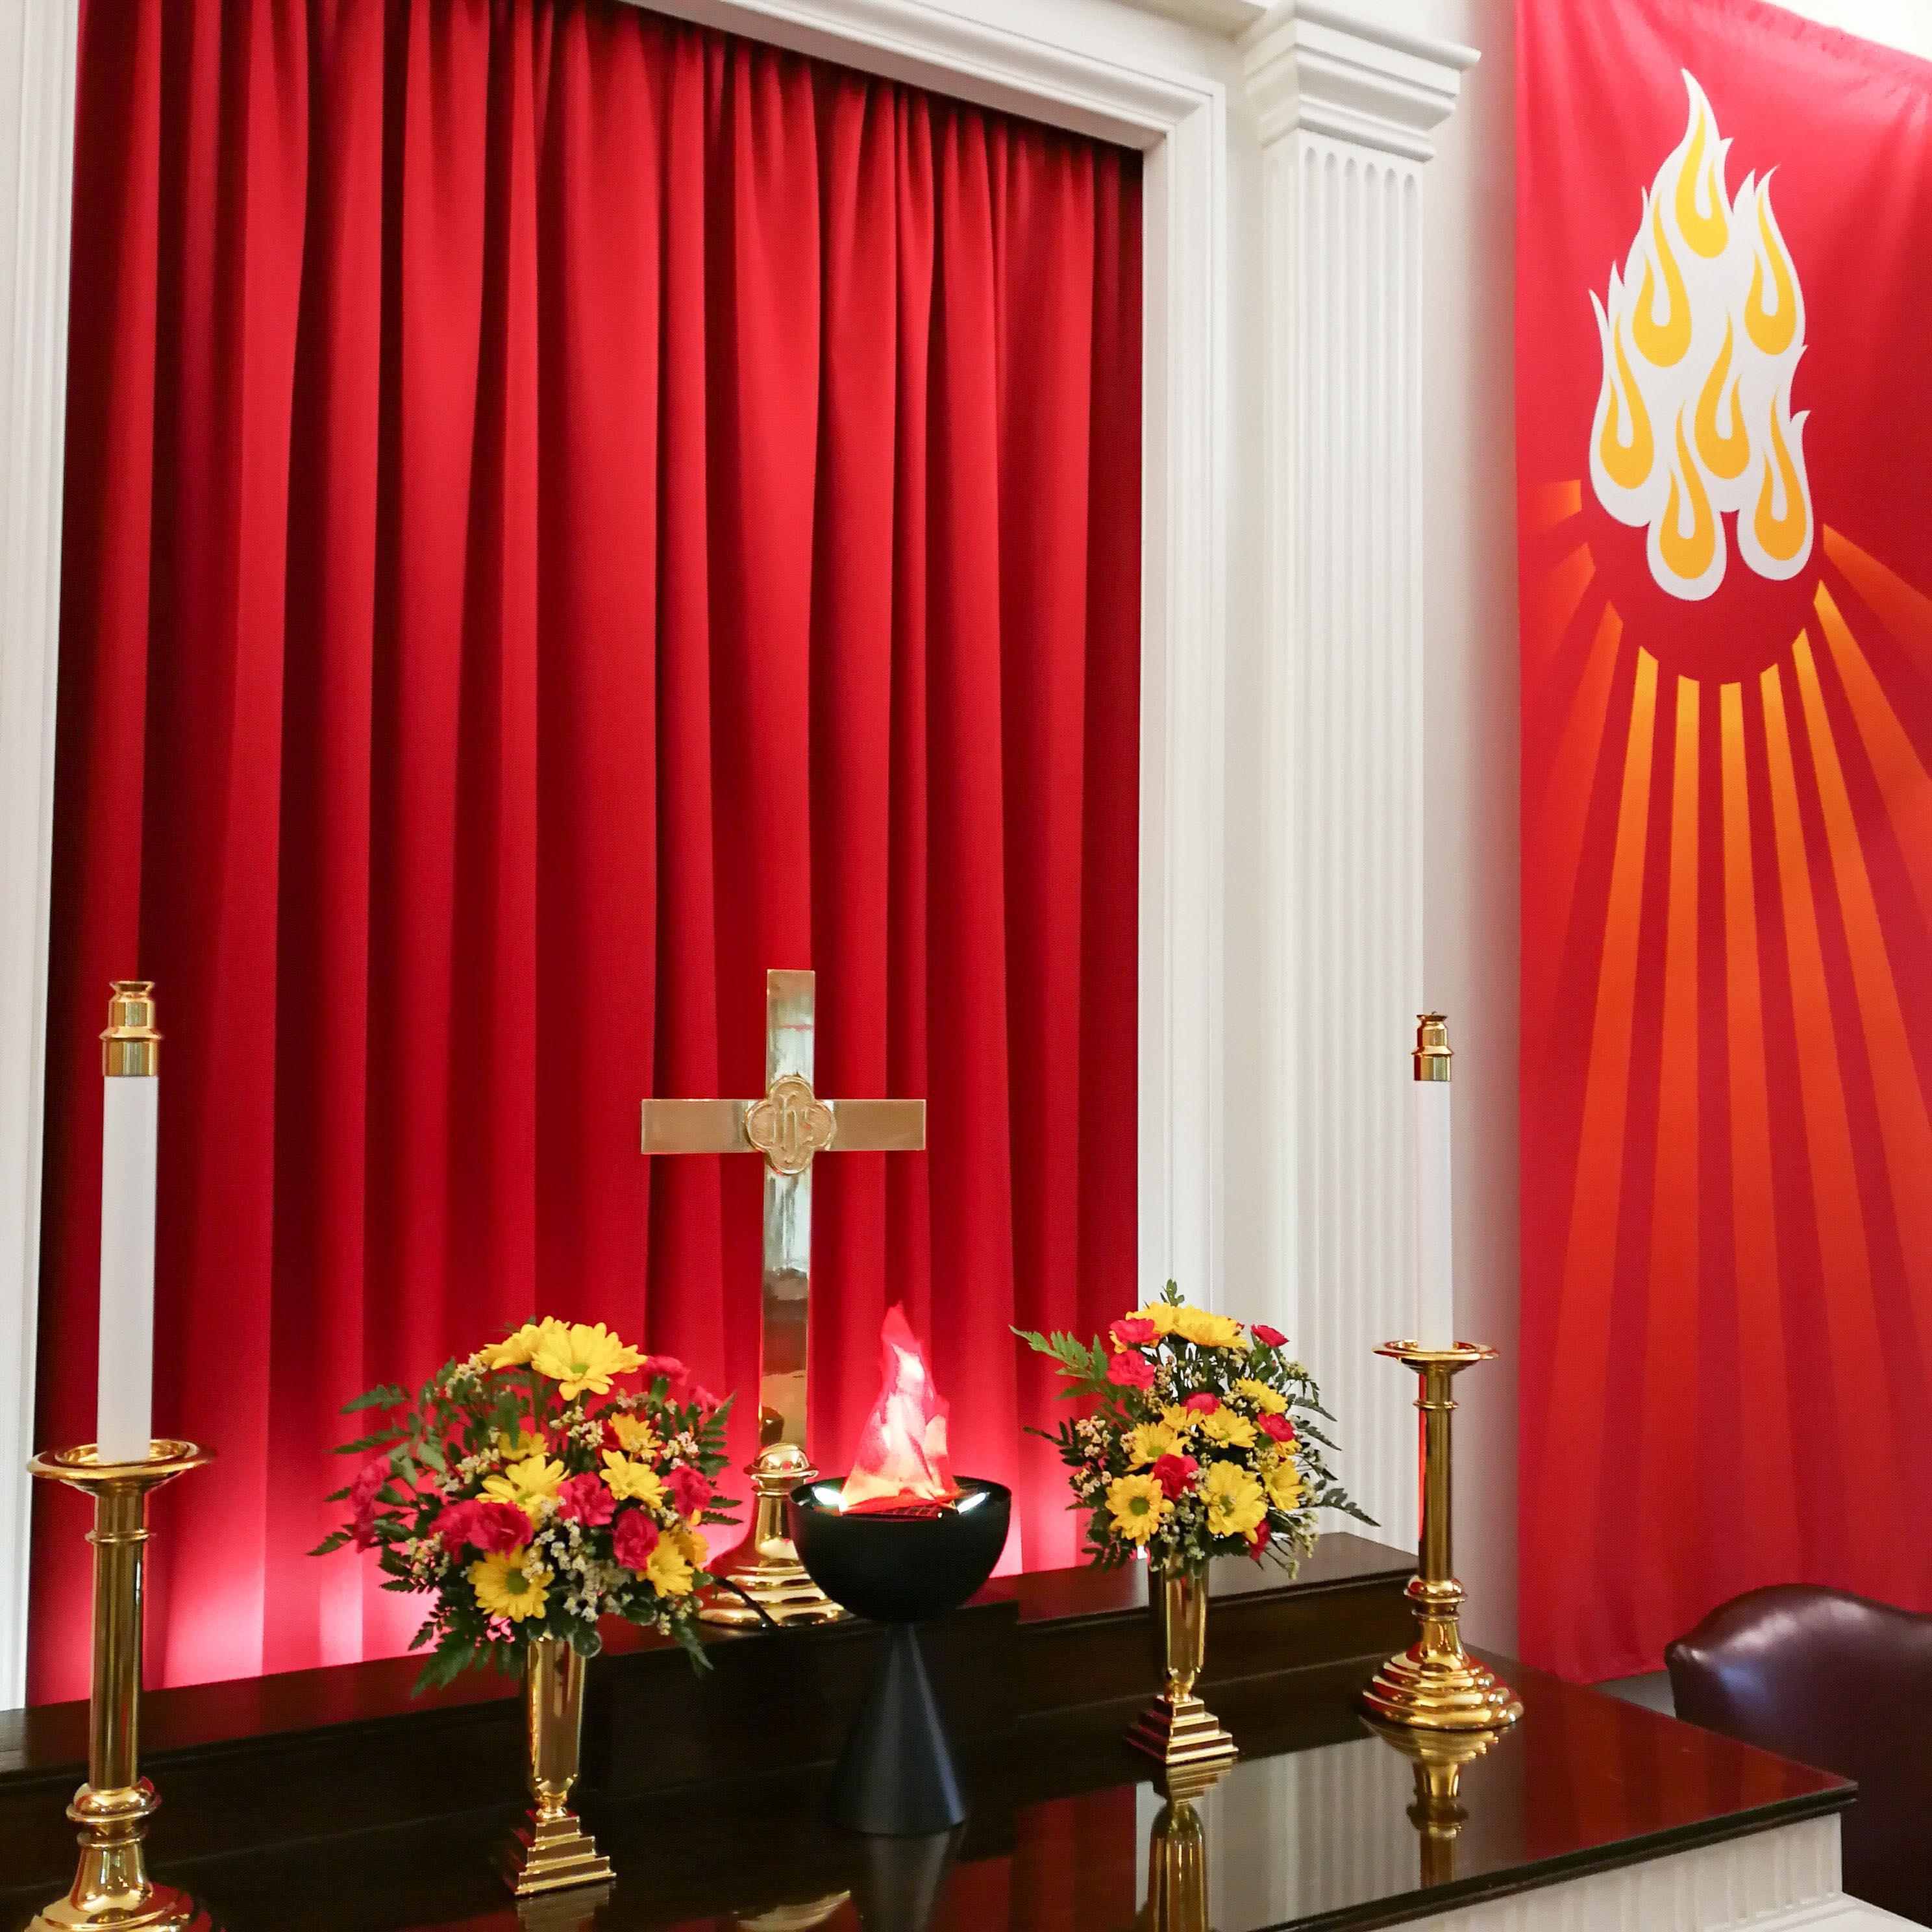 Altar close-up